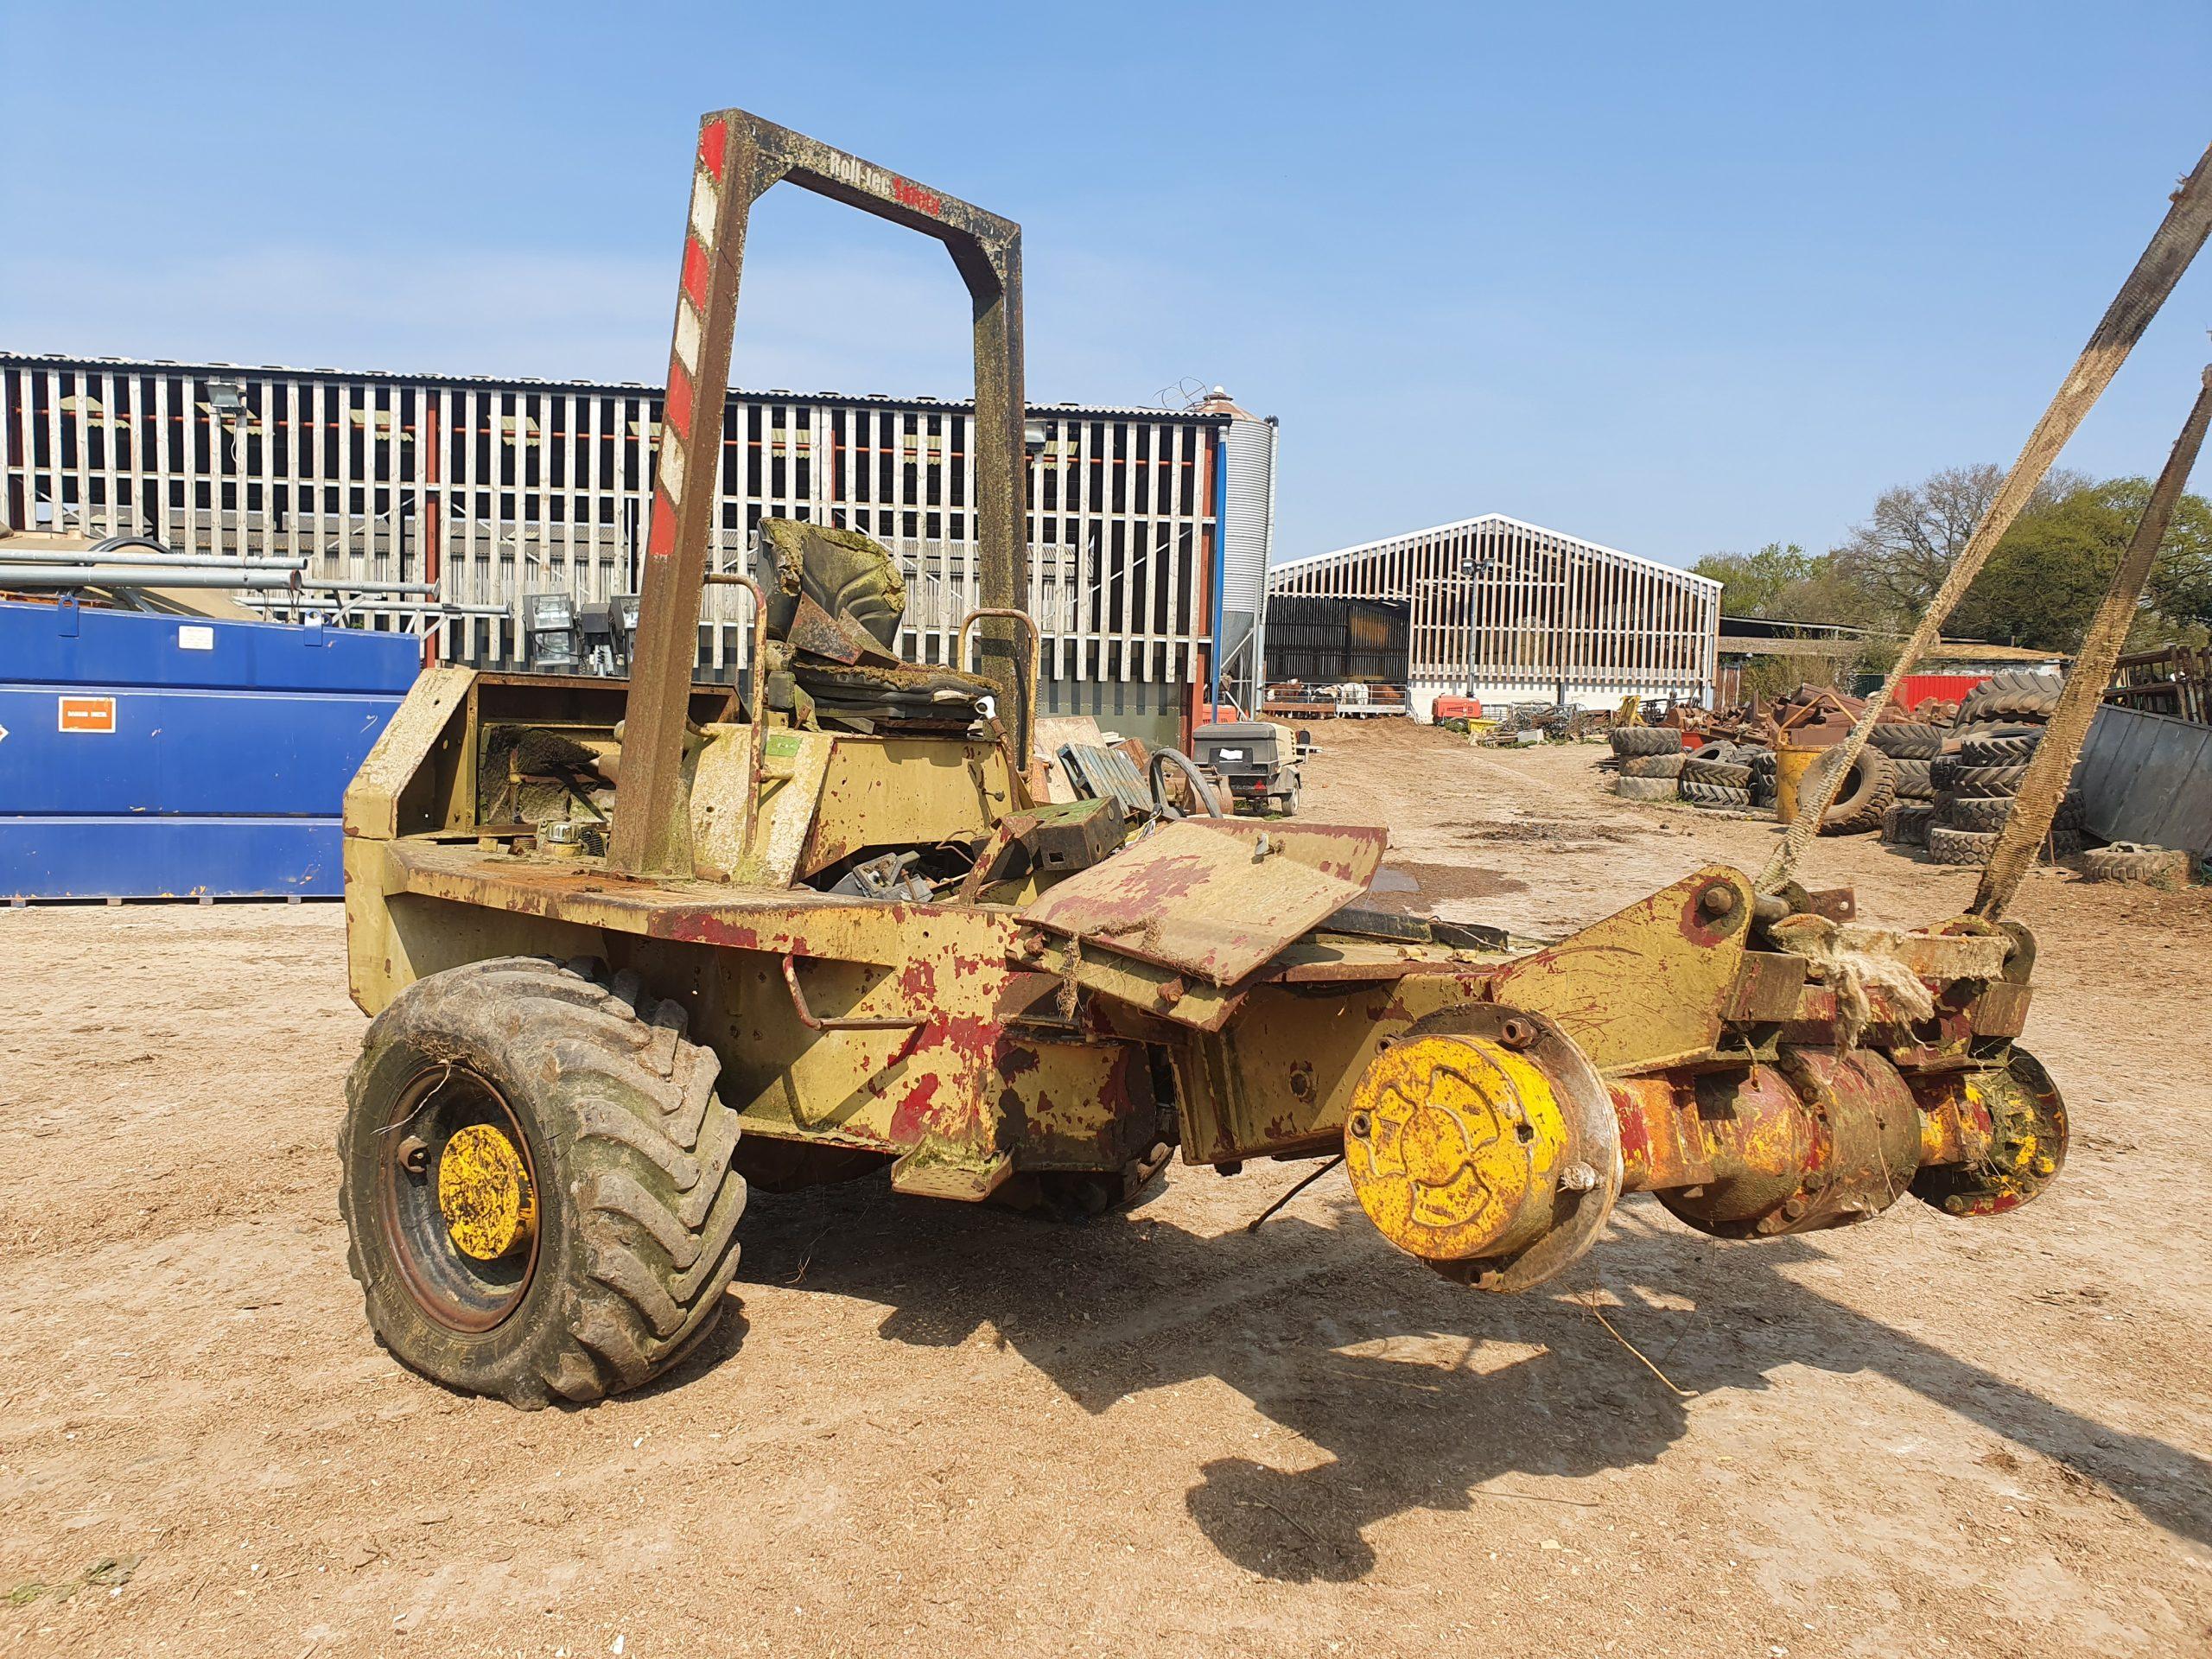 Benford 6 ton dumper - BRUCE ATFIELD